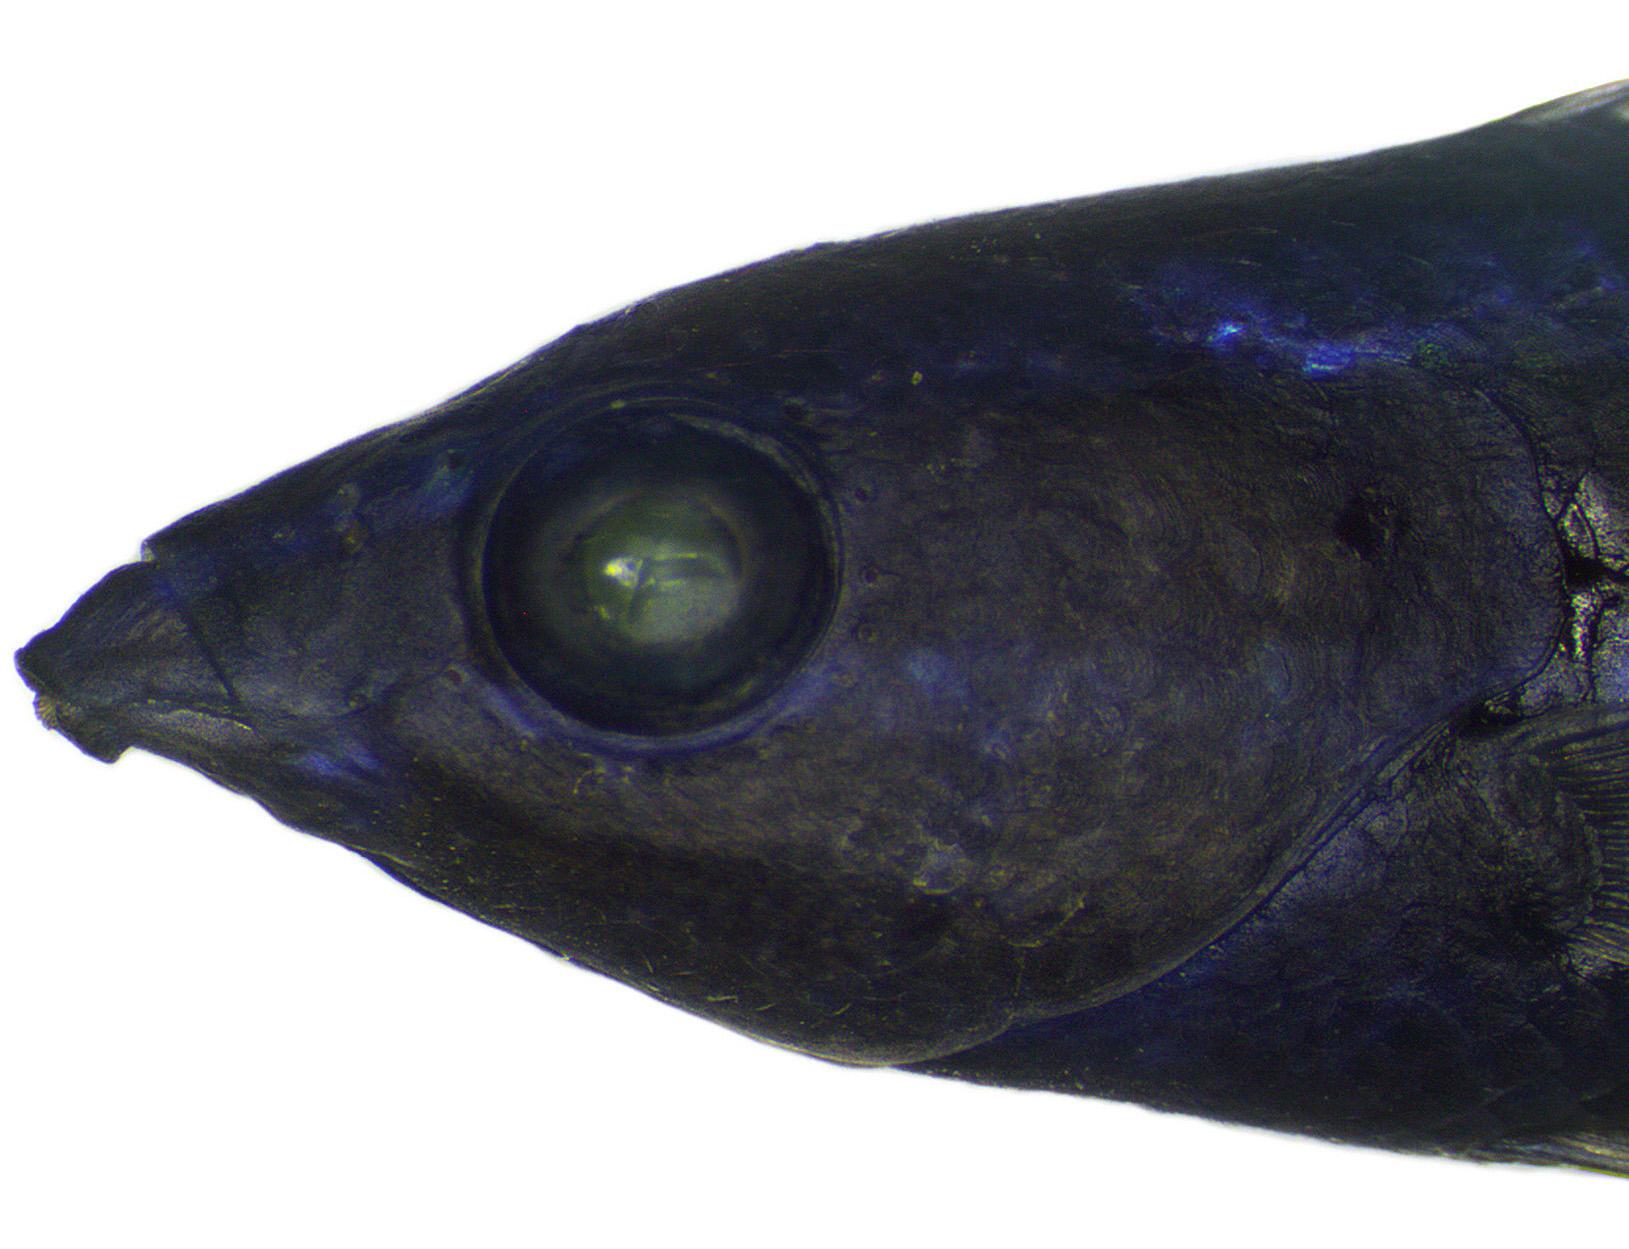 Larabicus quadrilineatus